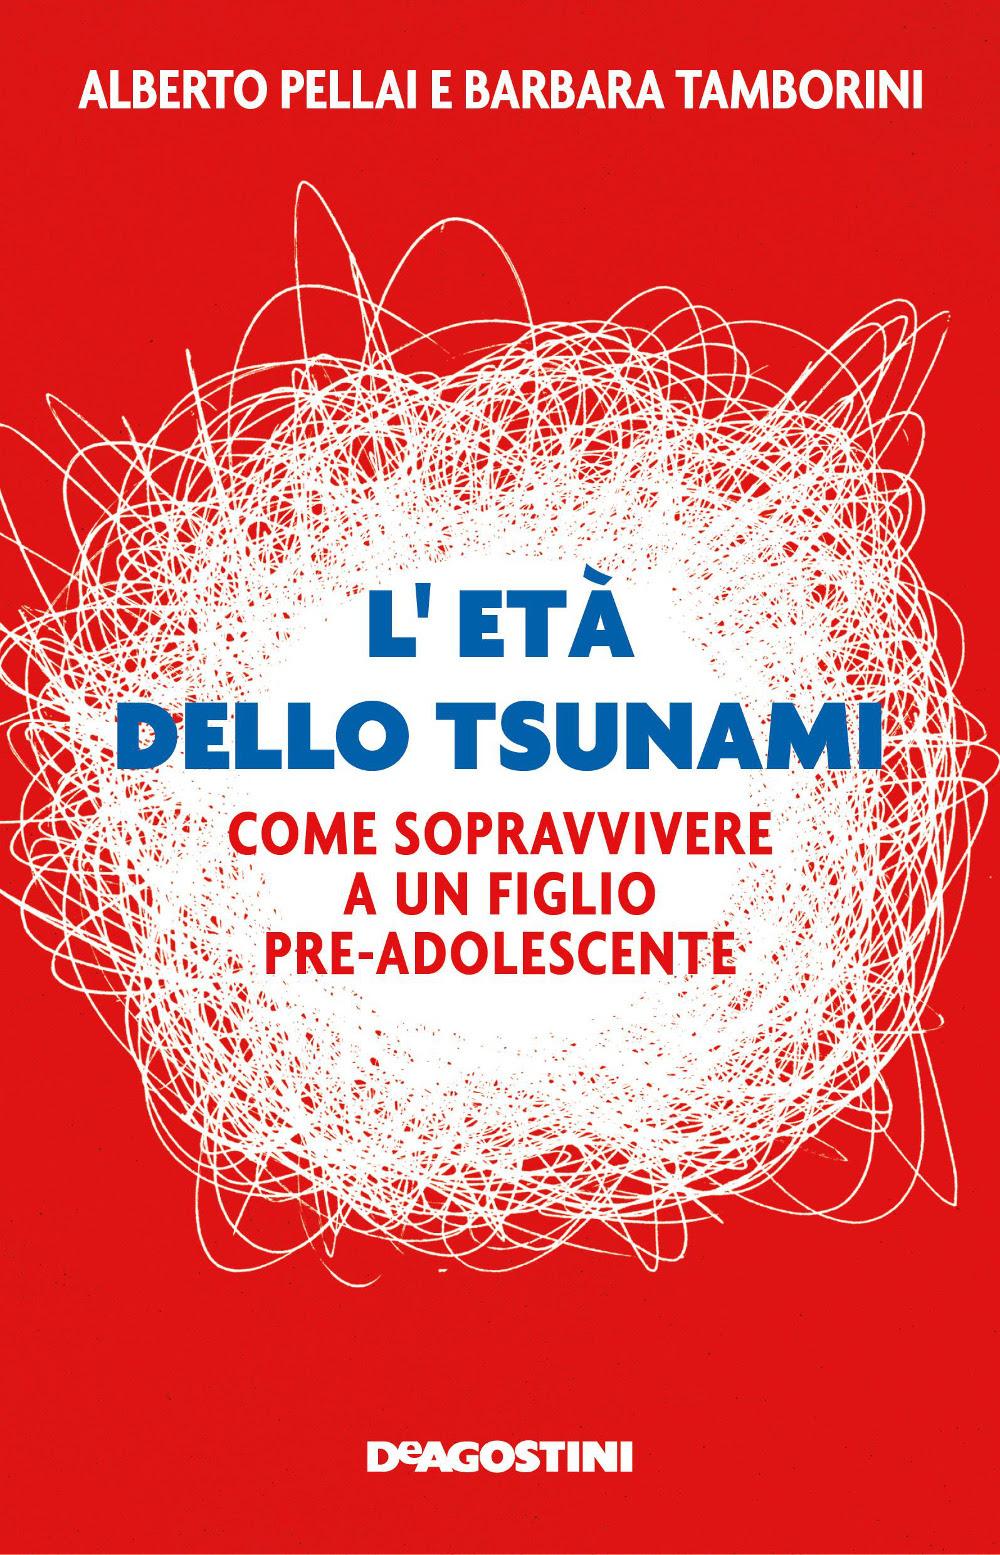 leta-dello-tsunami